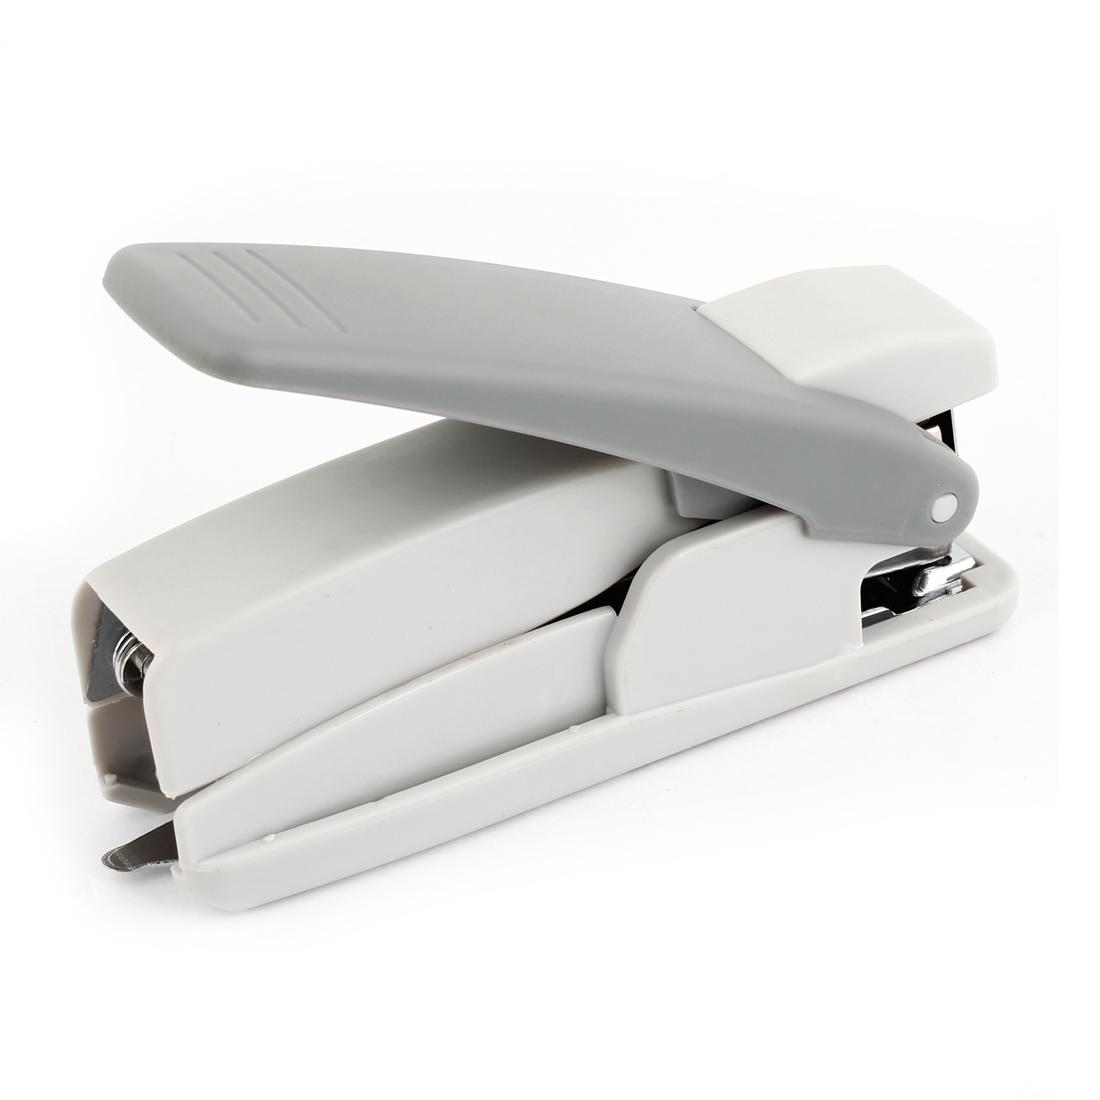 Hand Press Type Stapling Machine Paper Binder Stapler Light Gray